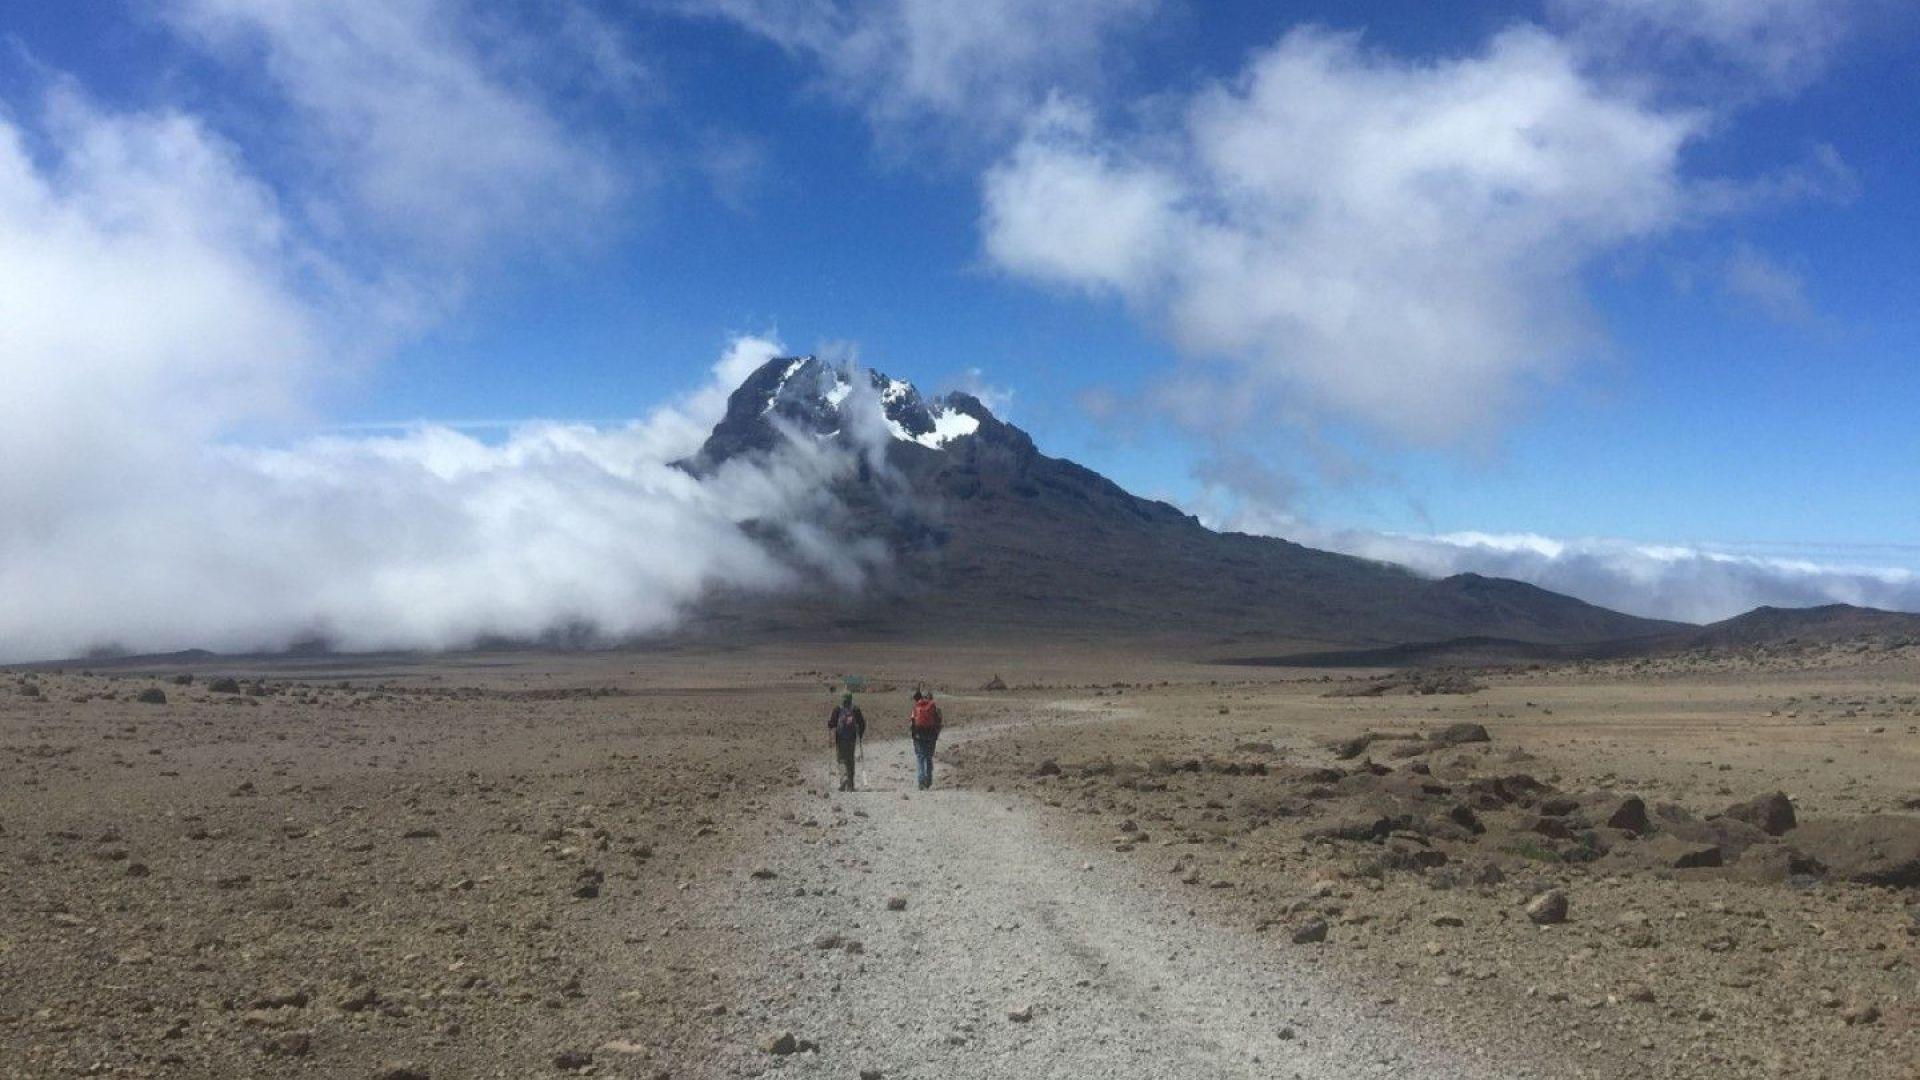 89-годишна американка изкачи Килиманджаро и стана най-възрастният човек, покорил върха